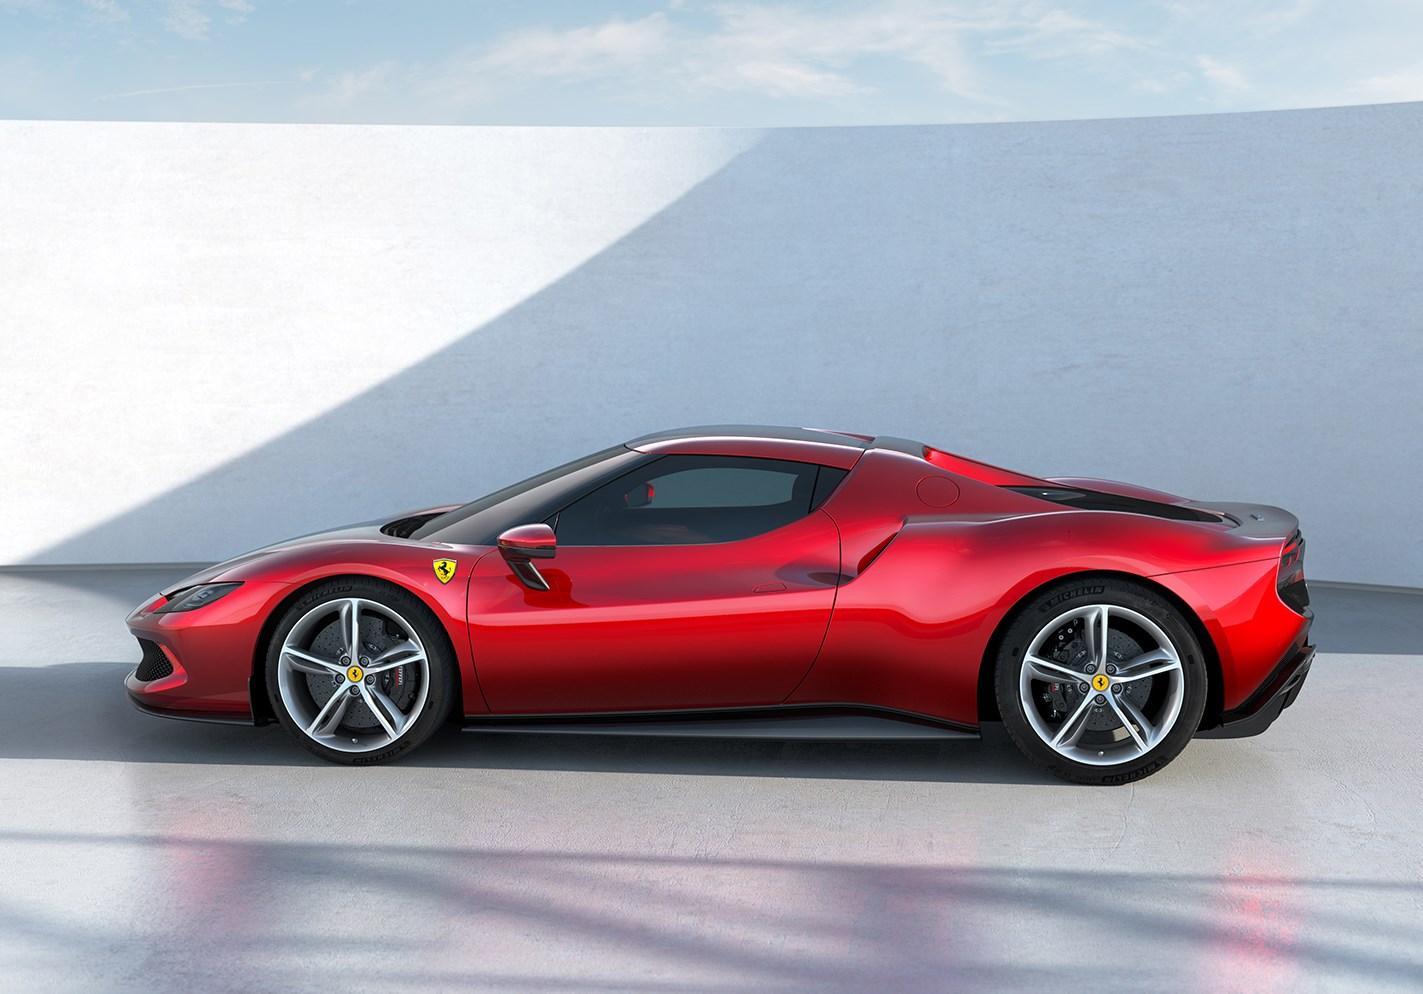 フェラーリがプラグインハイブリッド「296GTB」を発表。V6の採用は名車ディーノ以来